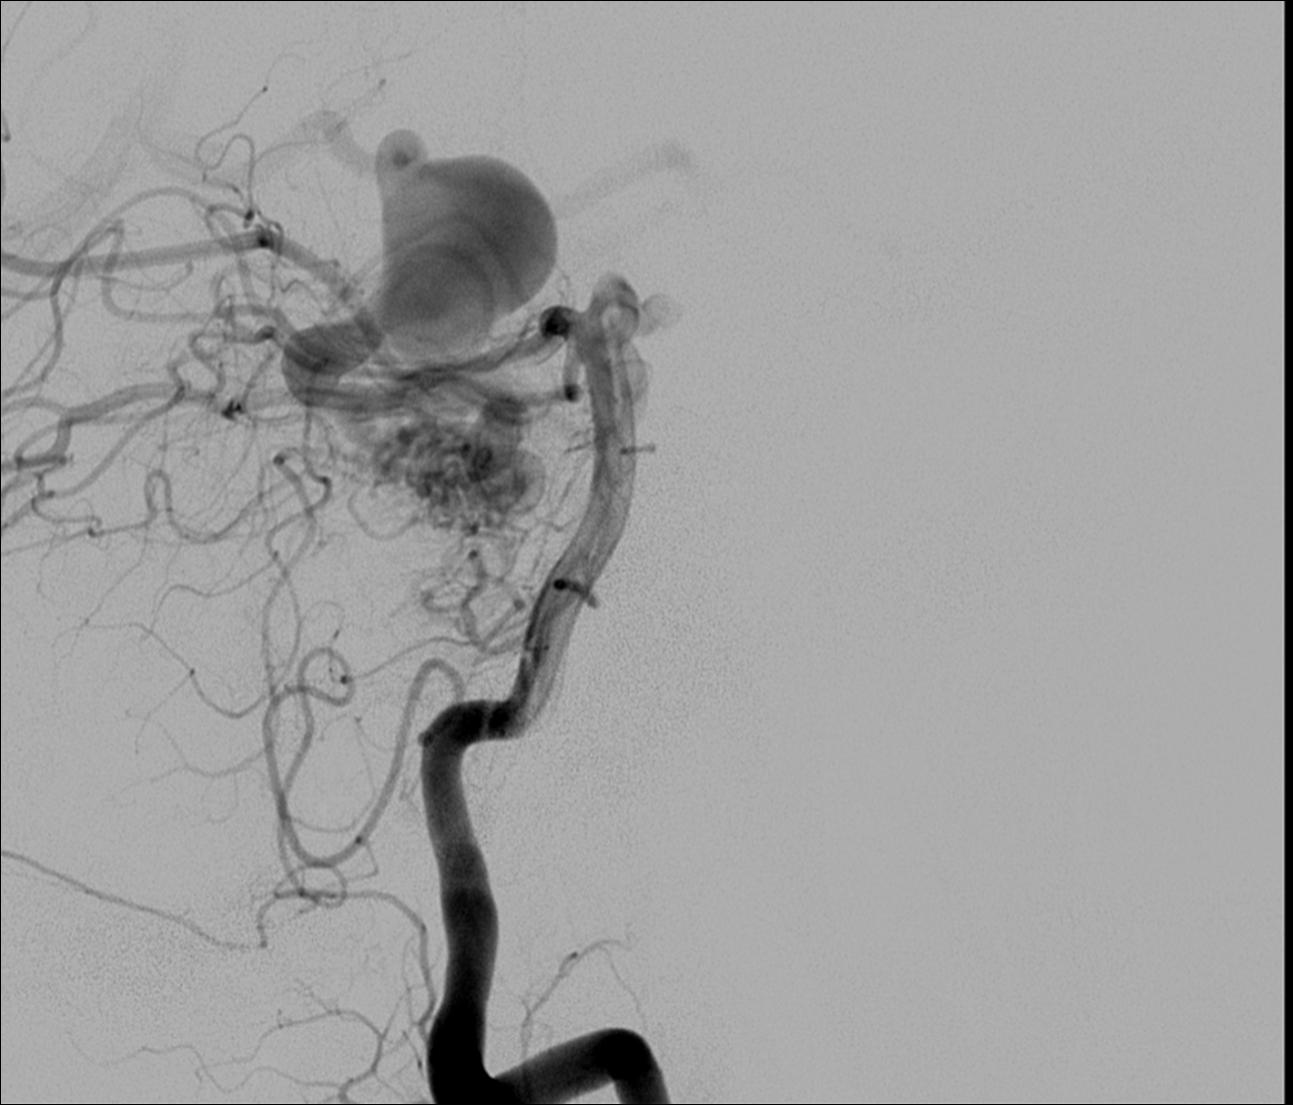 Superior cerebellar artery aneurysm